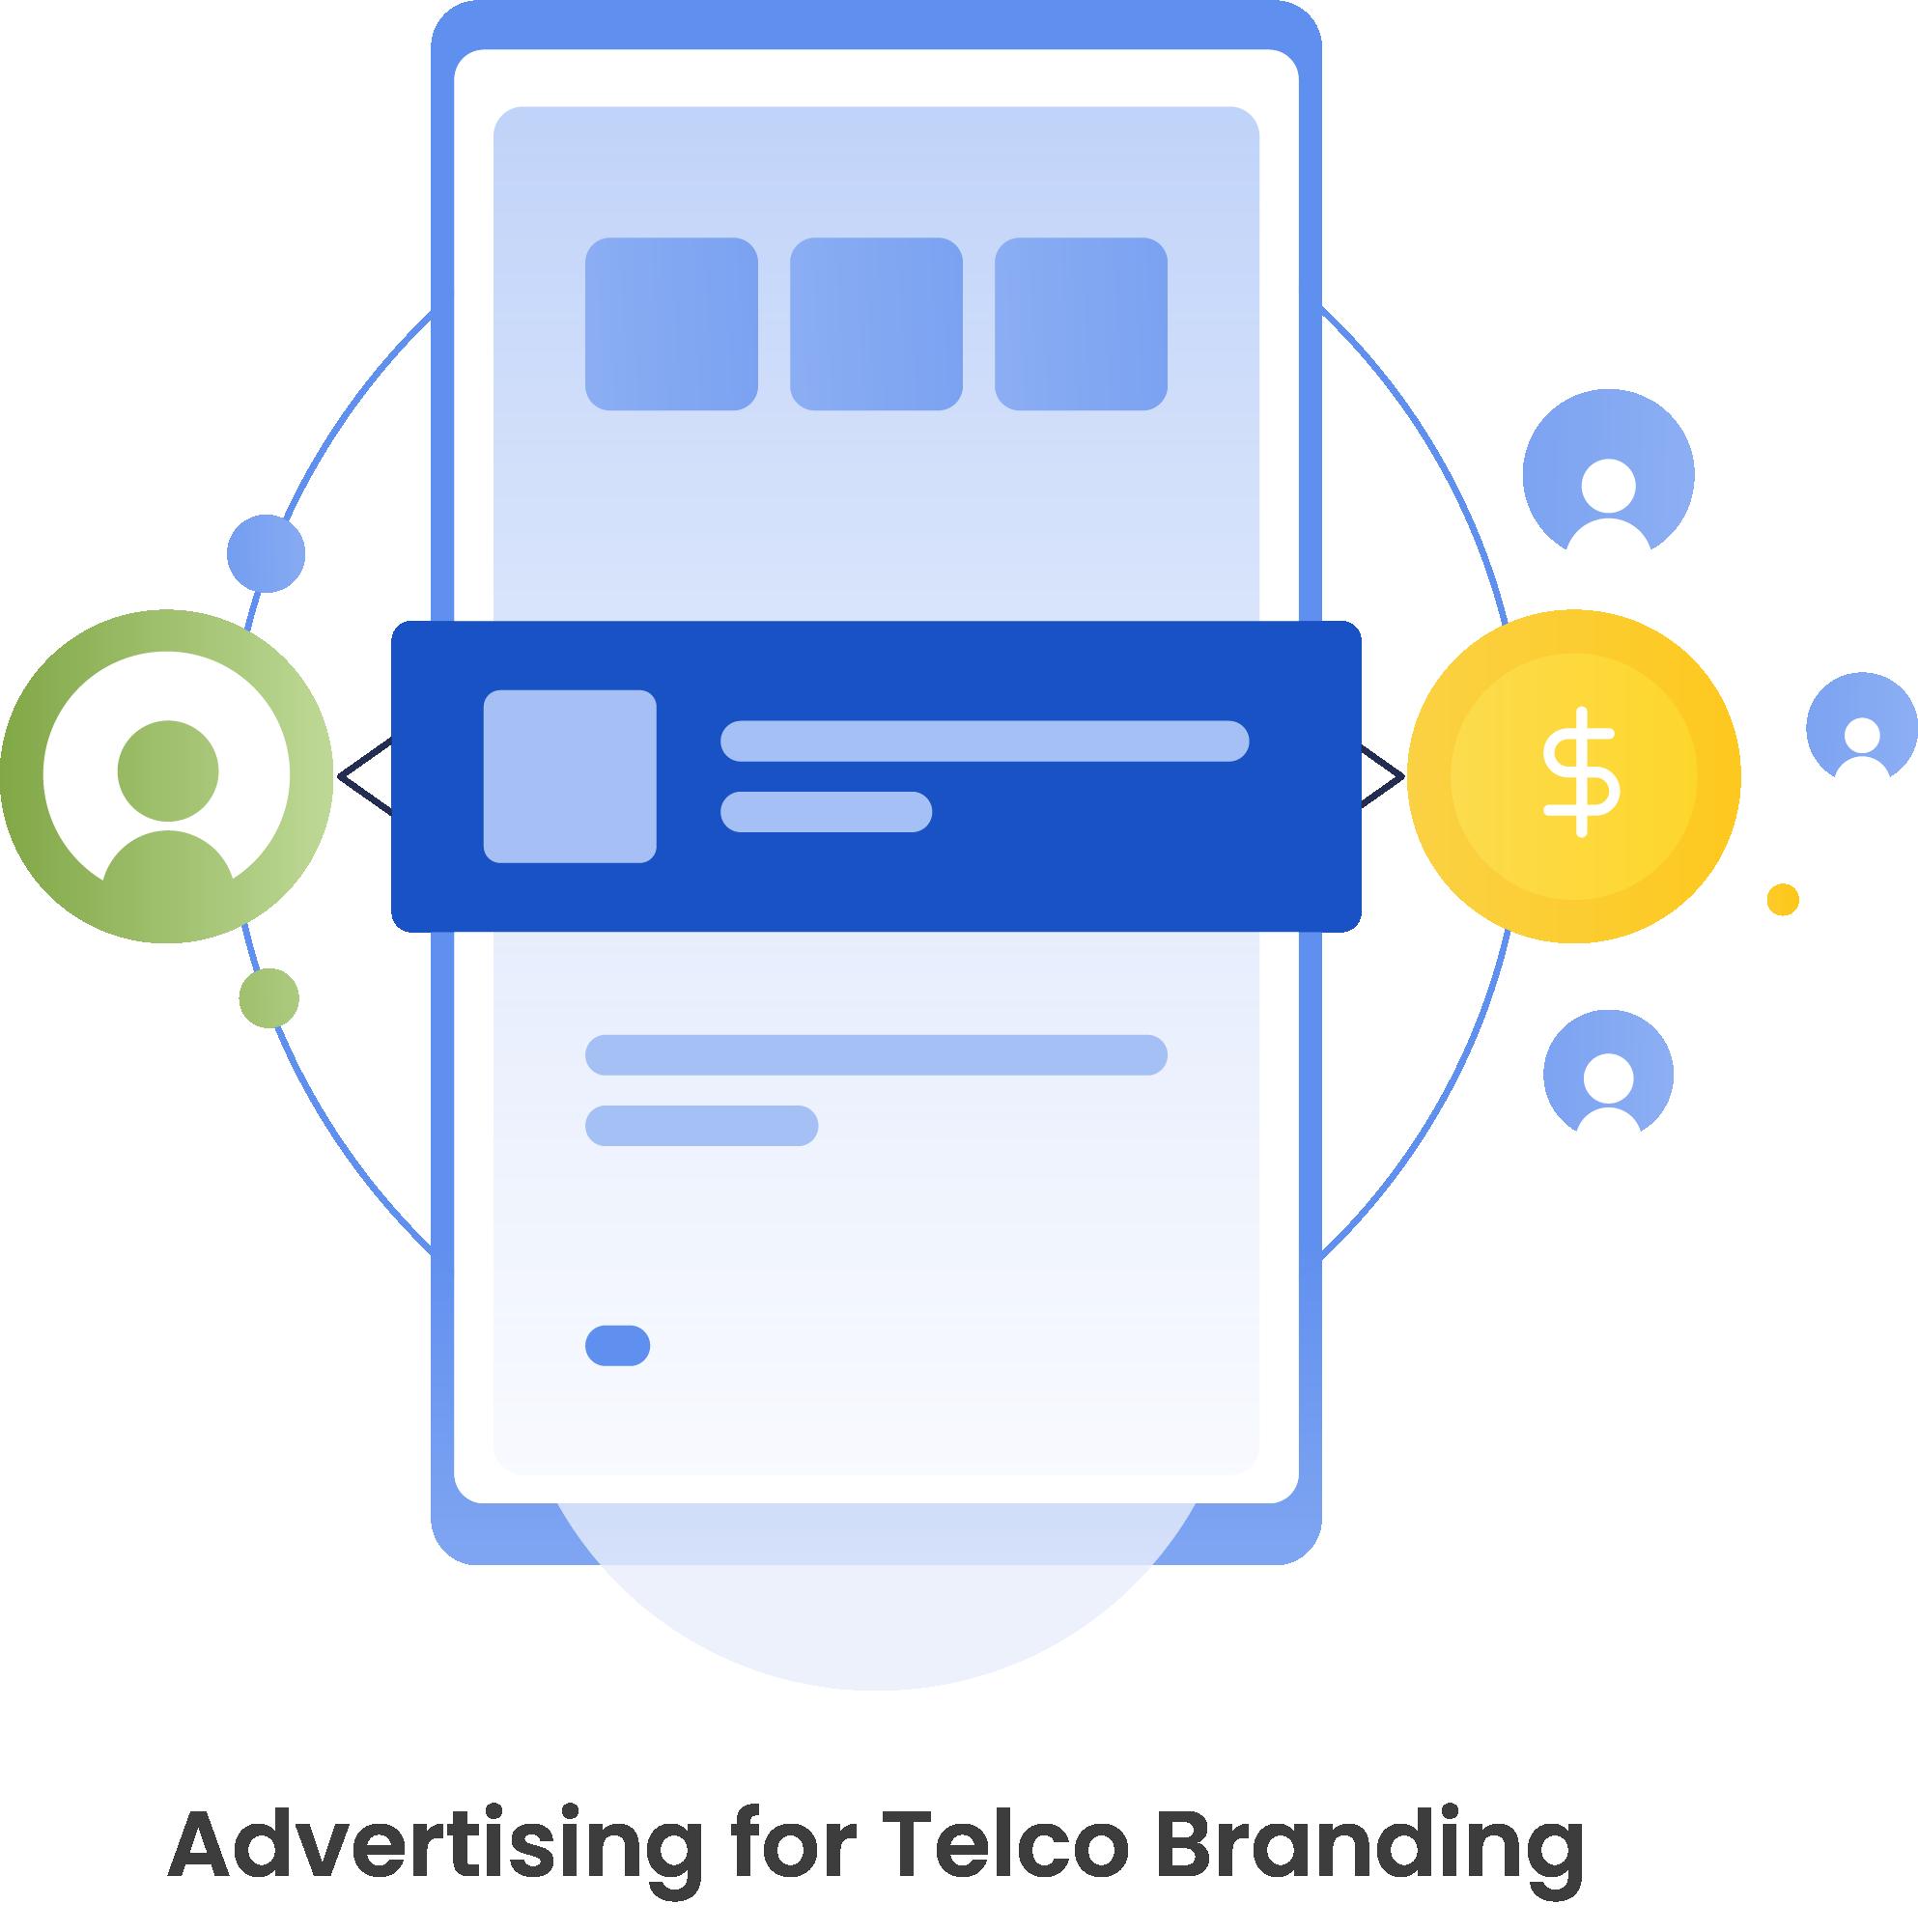 Advertising for Telco Branding